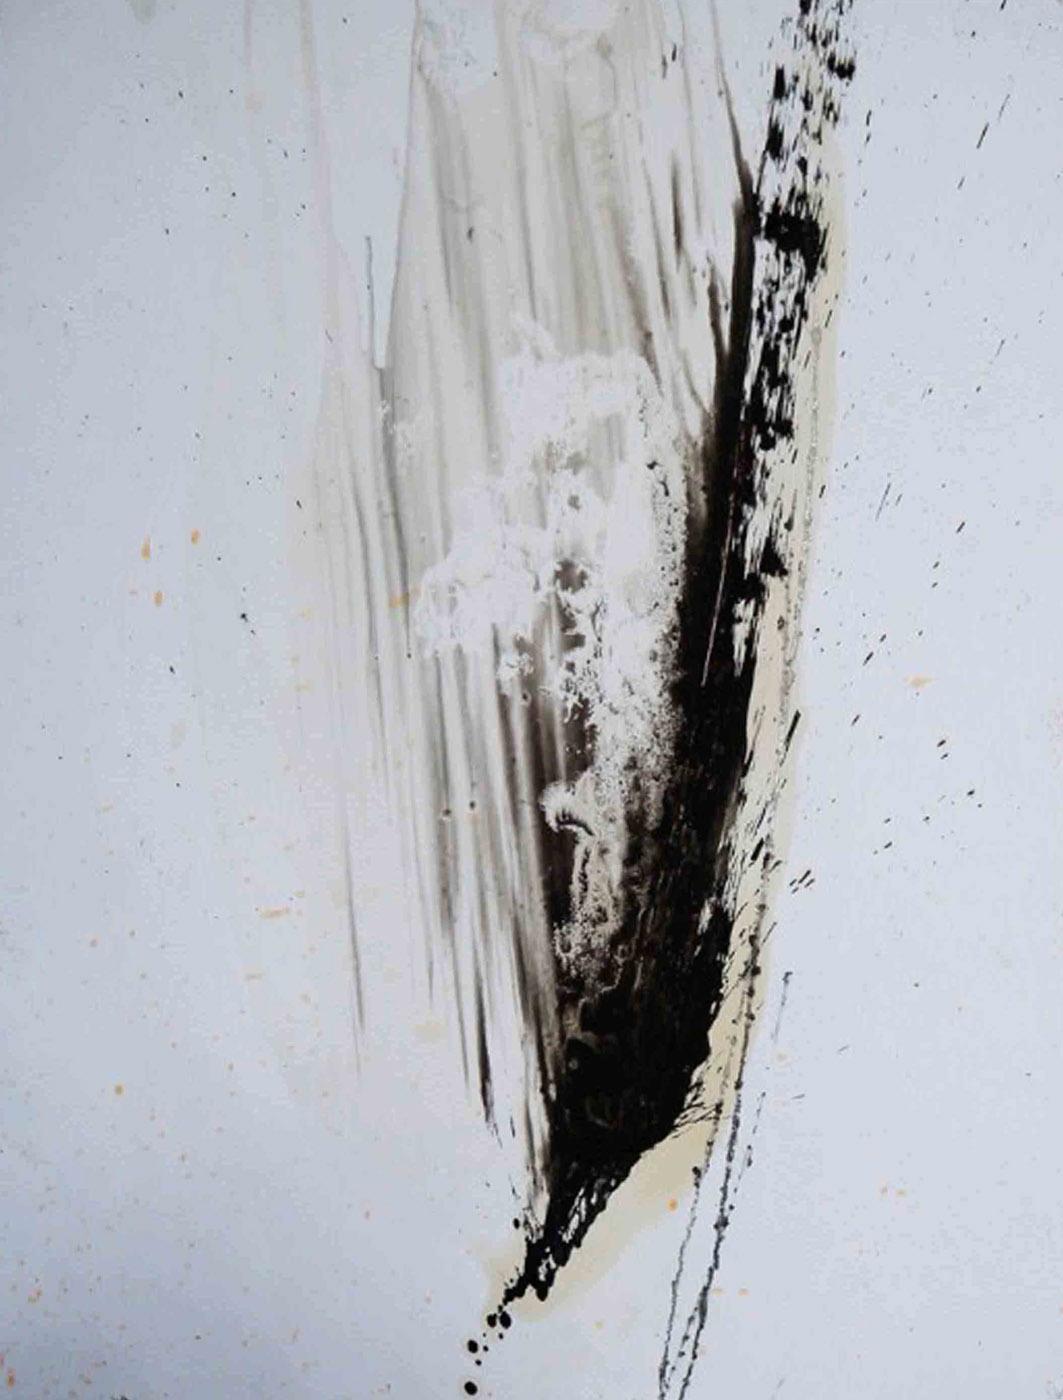 MARC FELD 2009 FAILLE  Huile et mine de plomb sur papier 50 x 65 cm